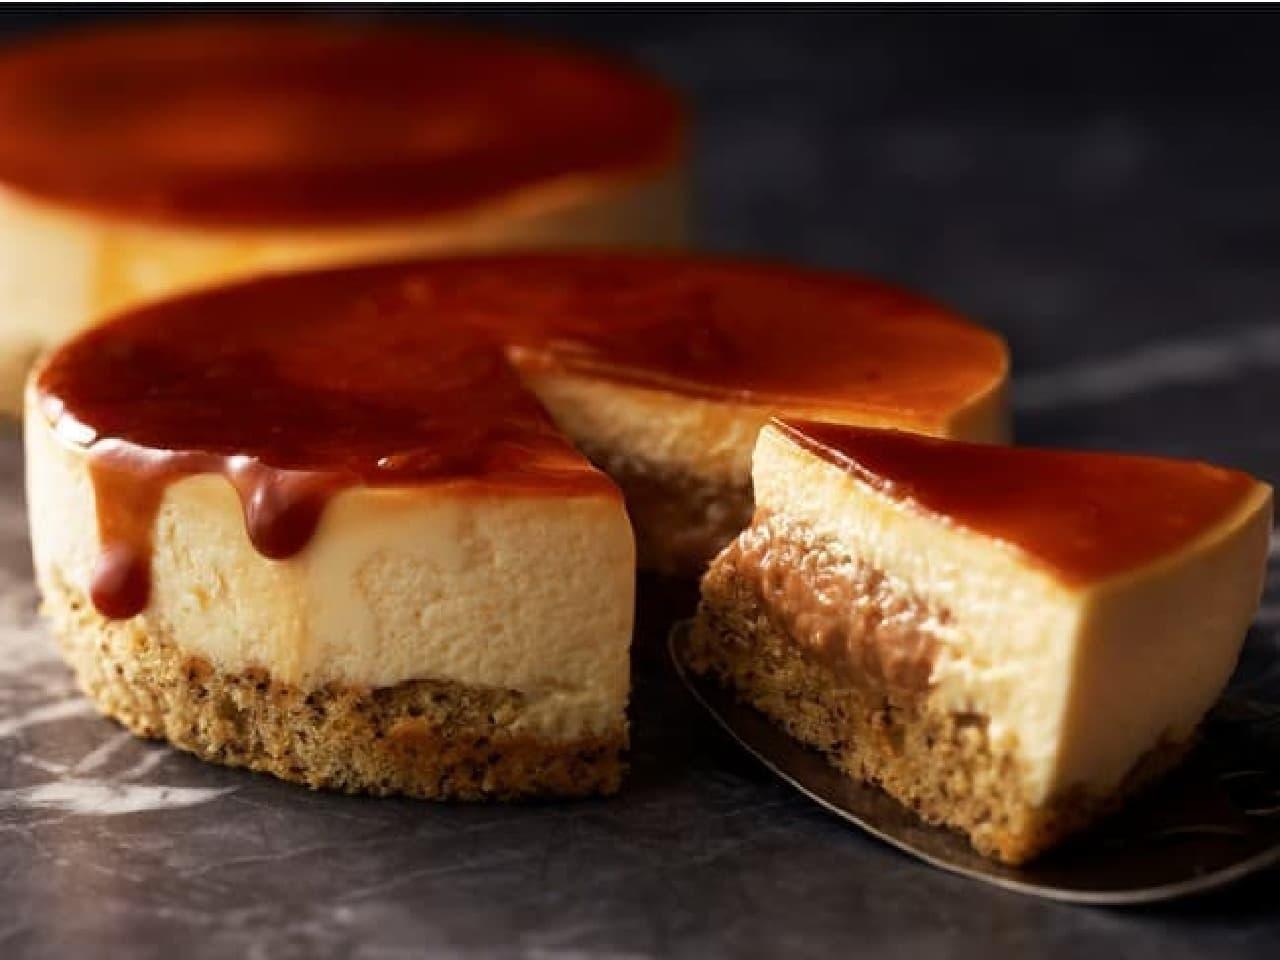 キャラメルゴーストハウス「キャラメルアップルケーキ」